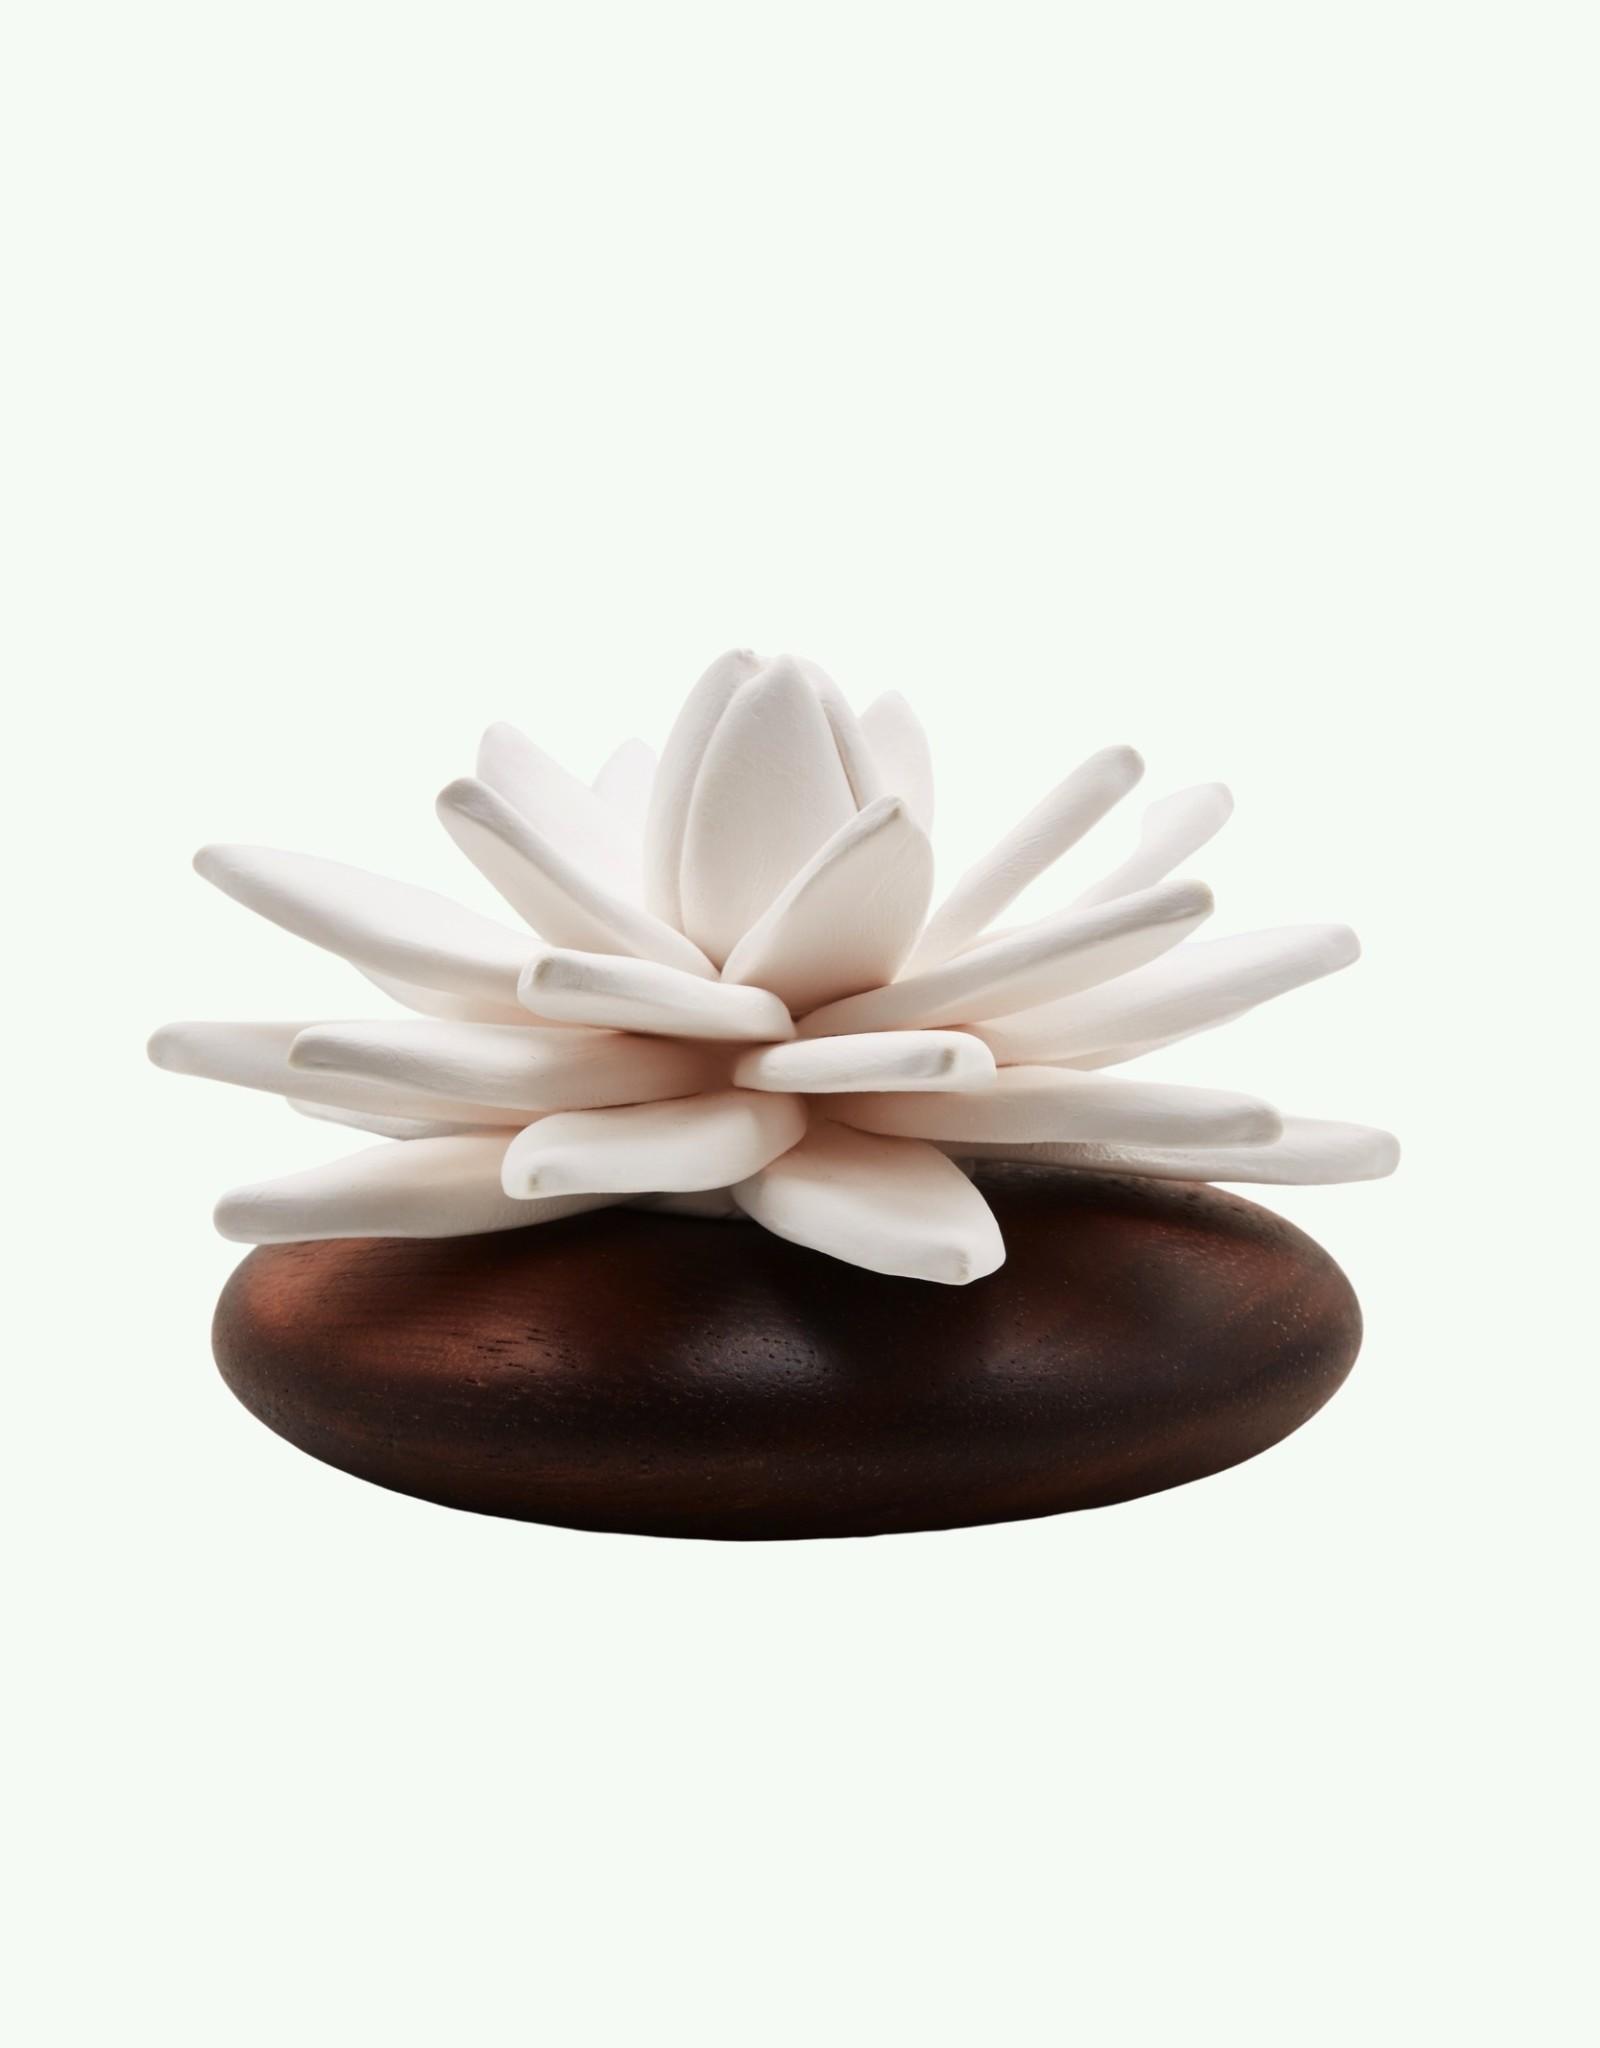 Anoq Anoq - Lotus des Indes - Parfum Diffuser